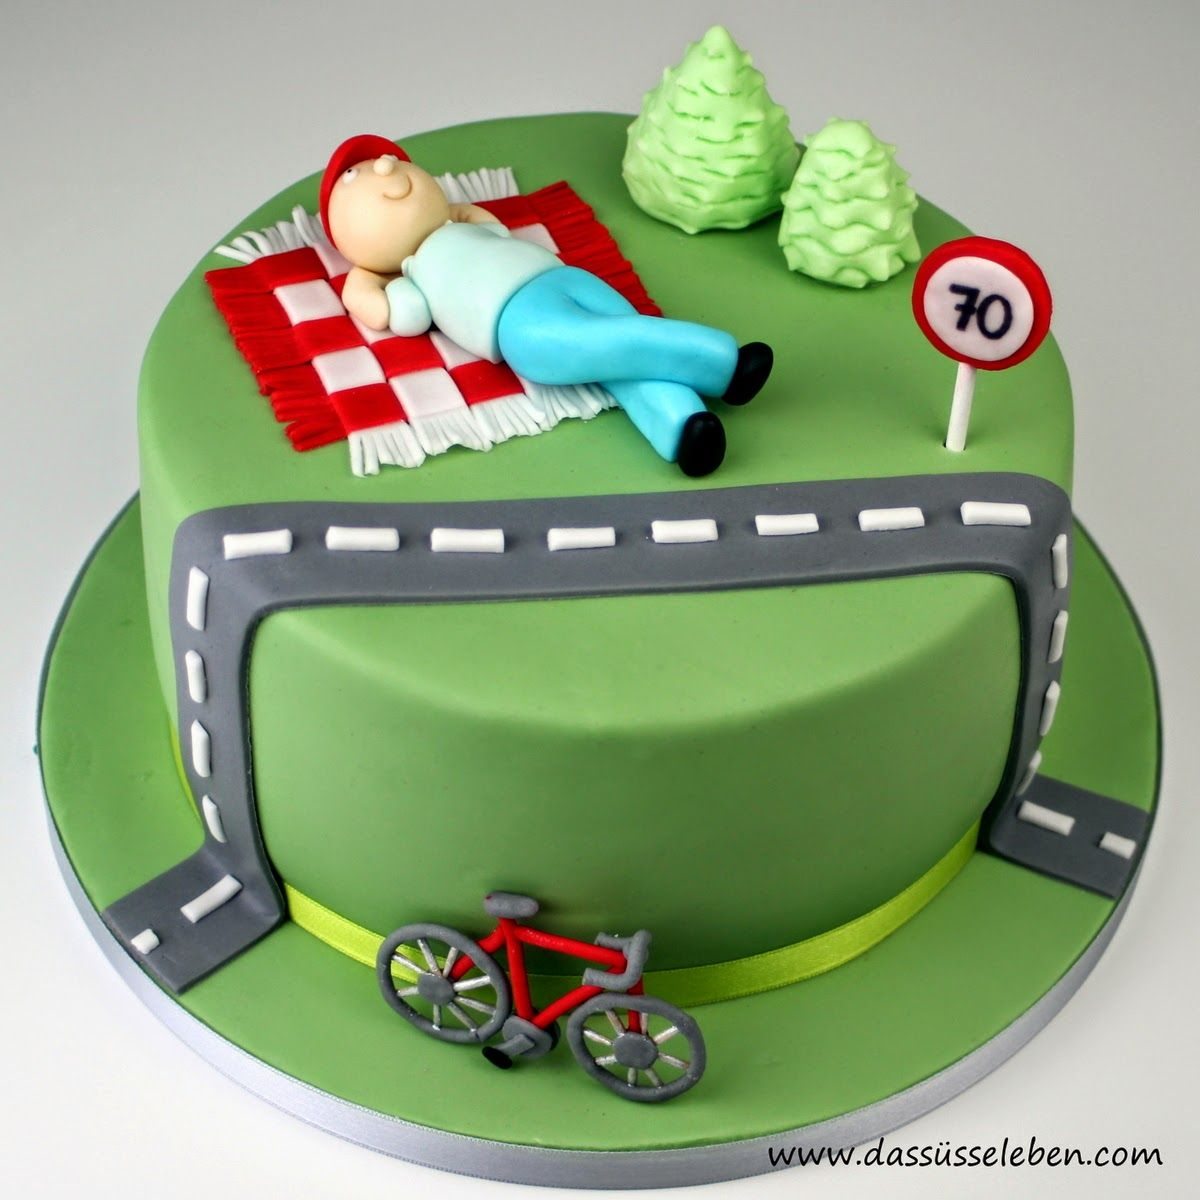 1. Motivtorte Mountainbiker Downhiller Torte, bräuchte